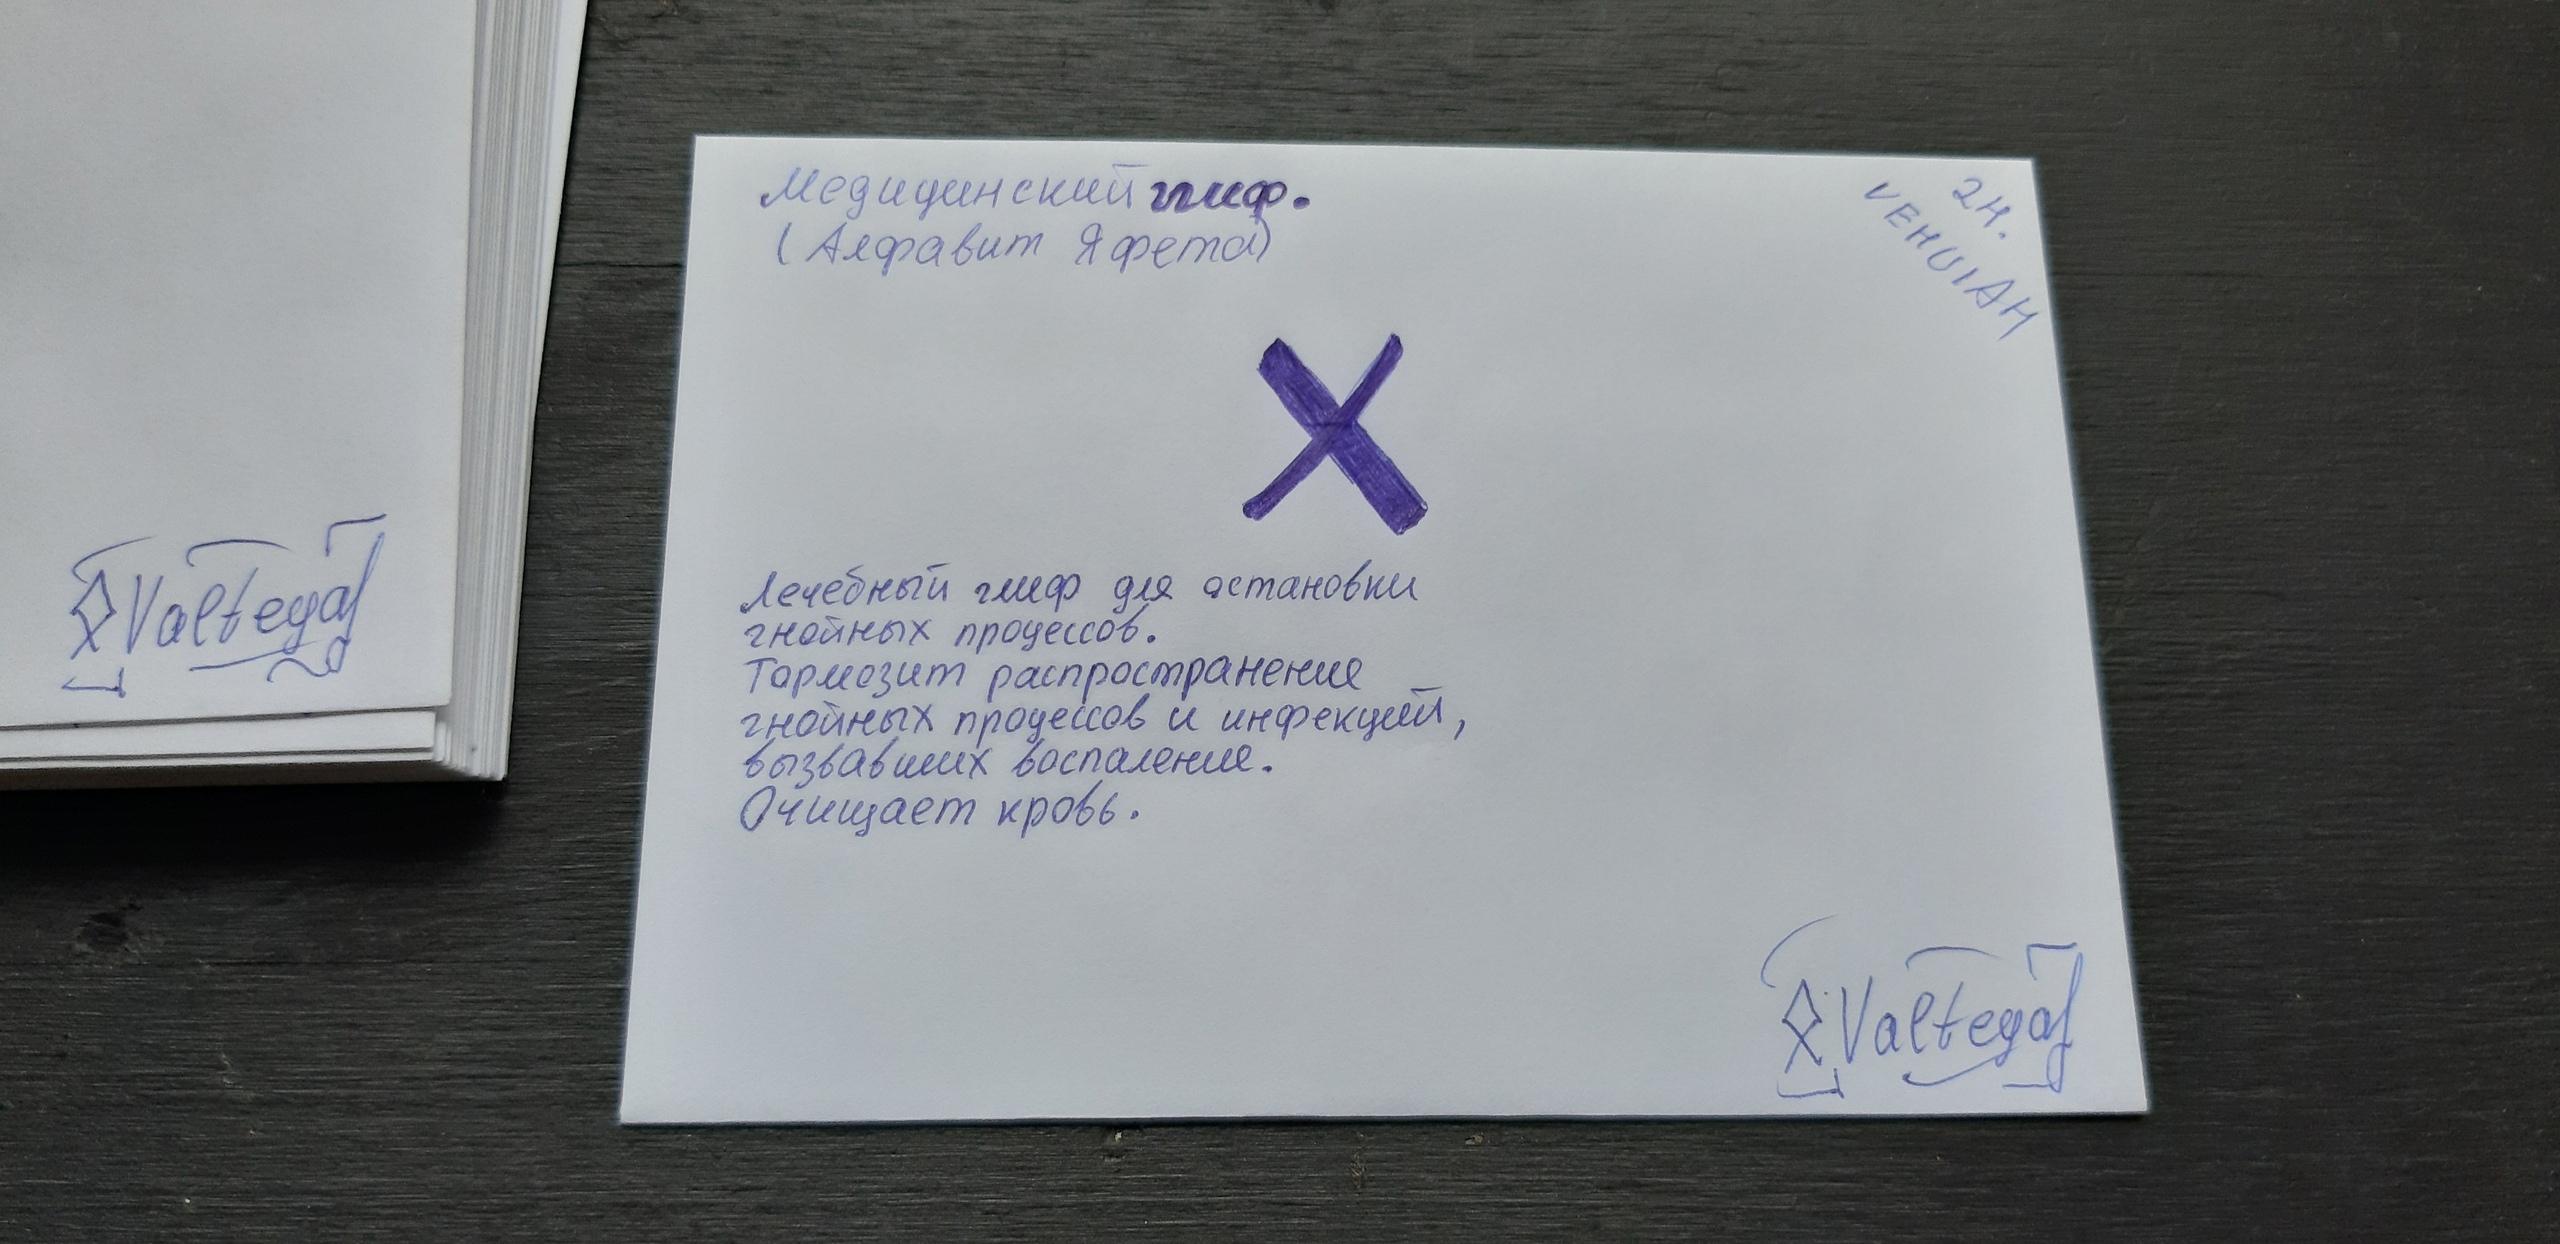 Конверты медицинские глифы. Алфавит Яфета PsoKyZ-I7Ls